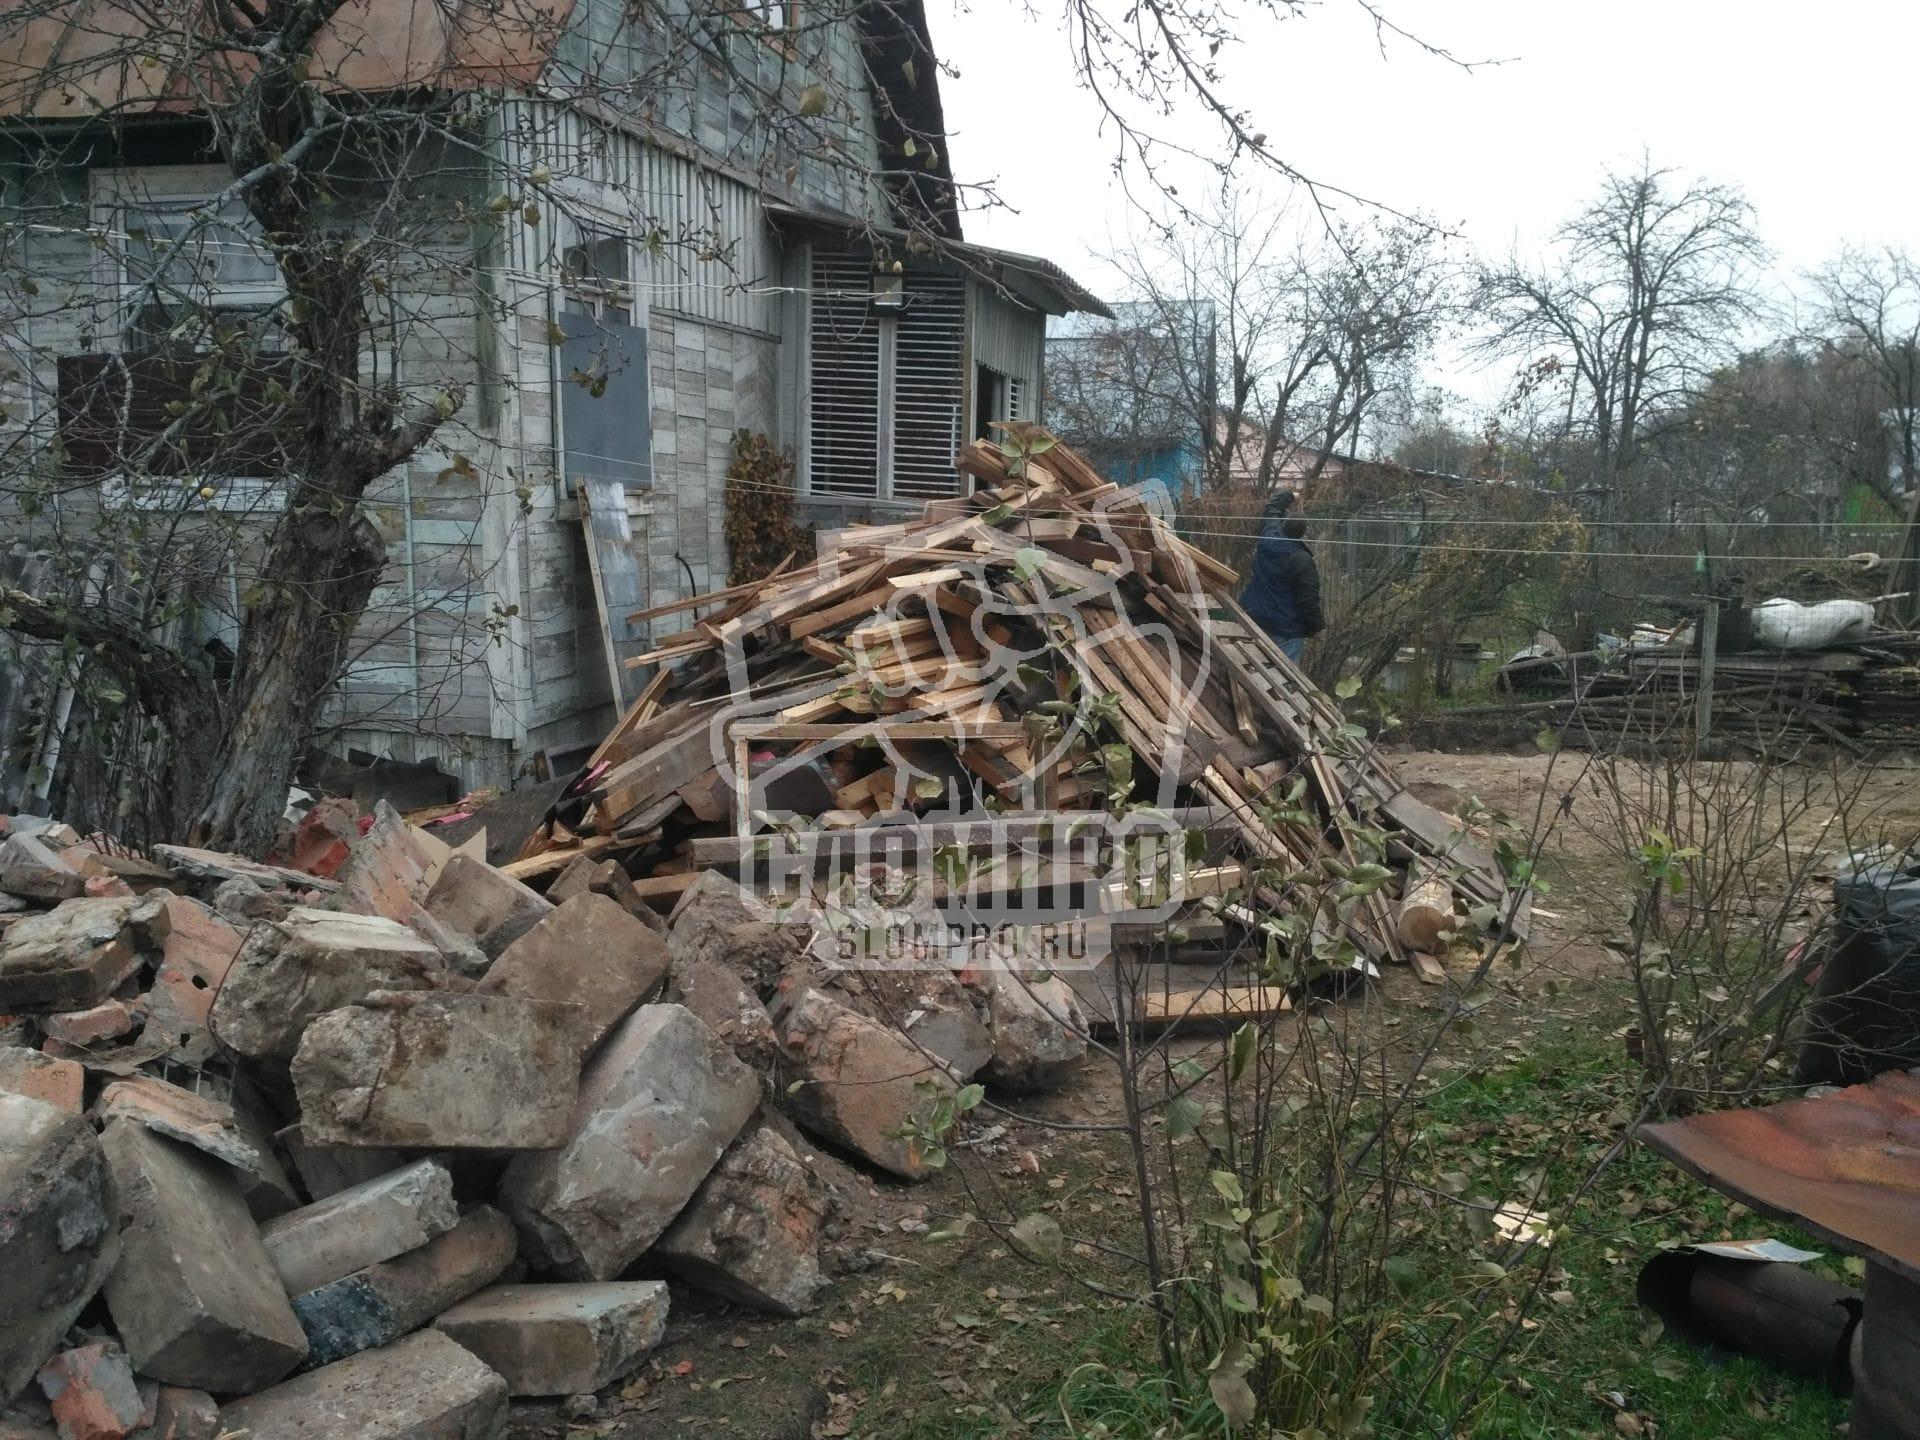 Складированный строительный мусор